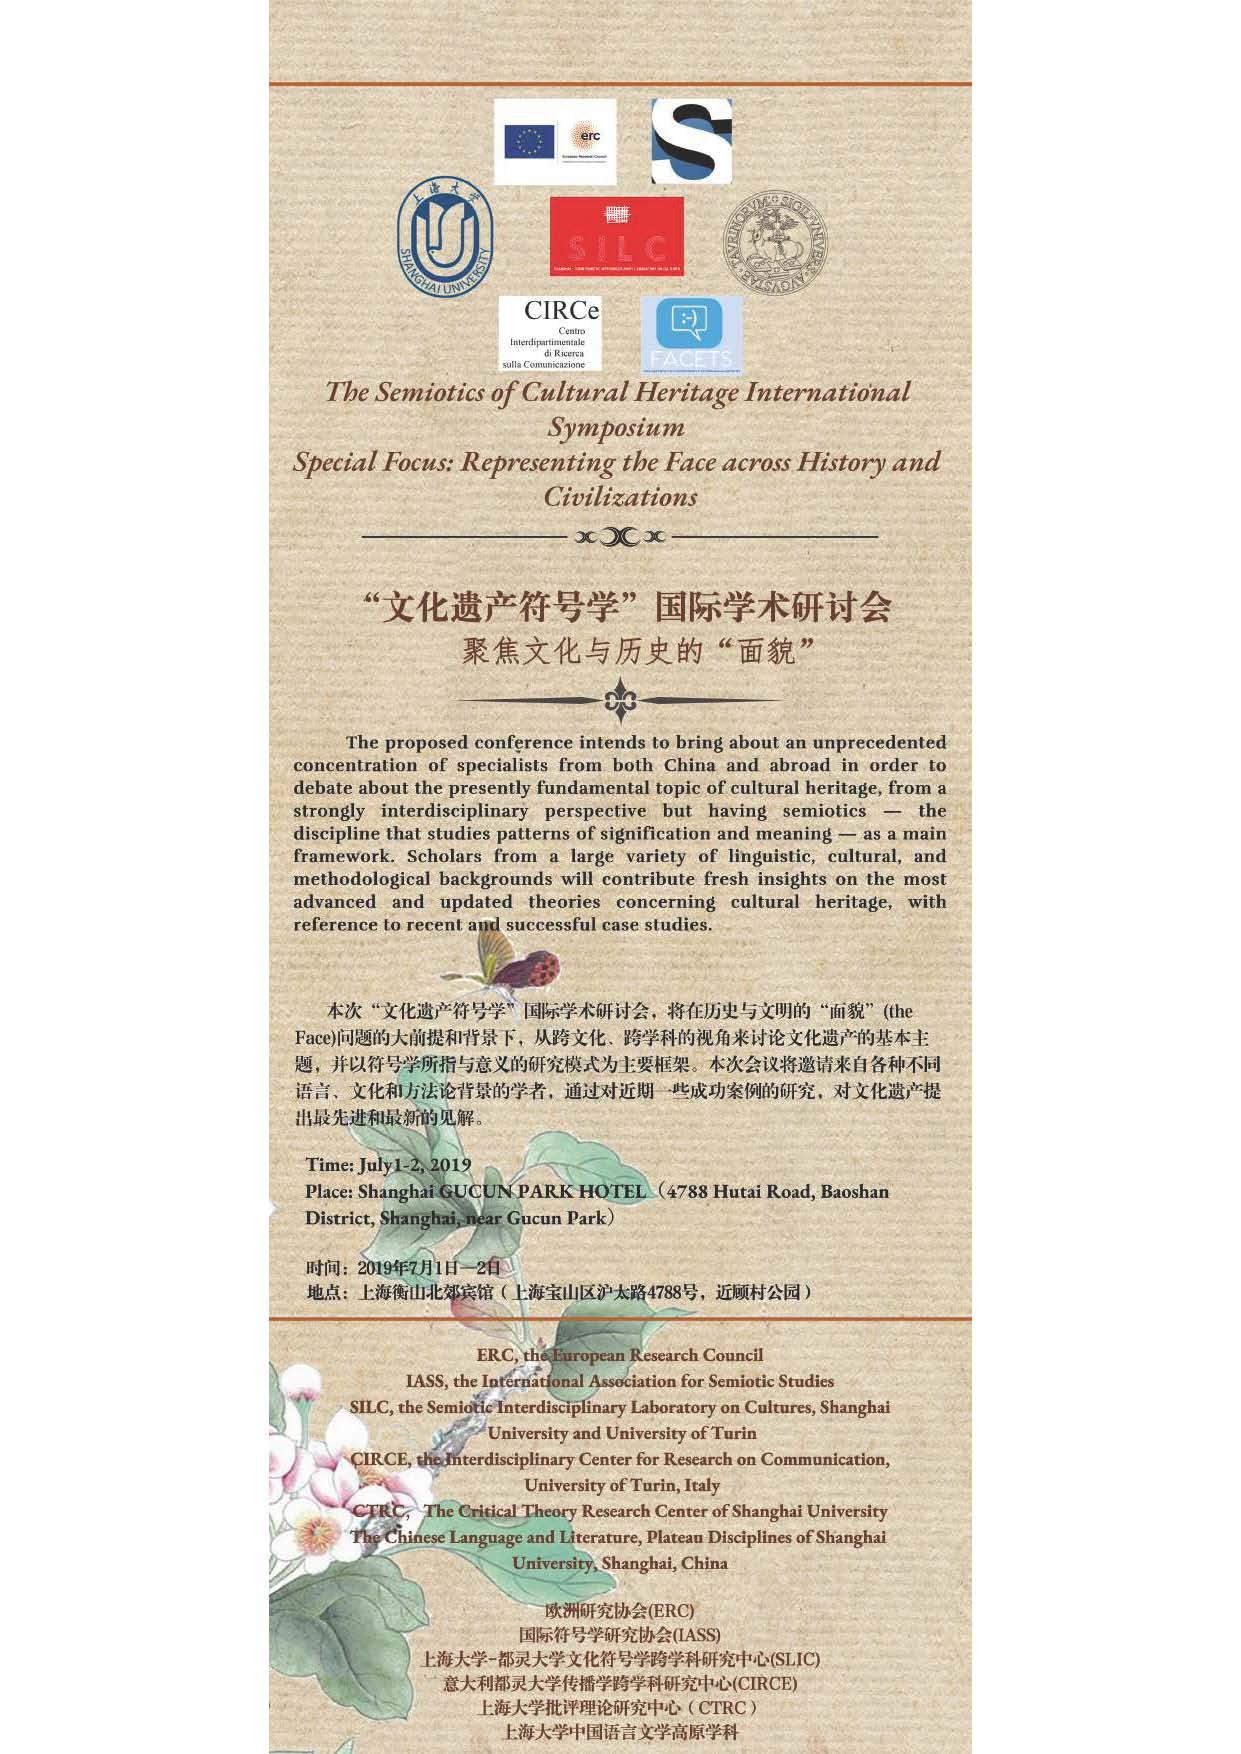 The semiotics of Cultural Heritage International Symposium